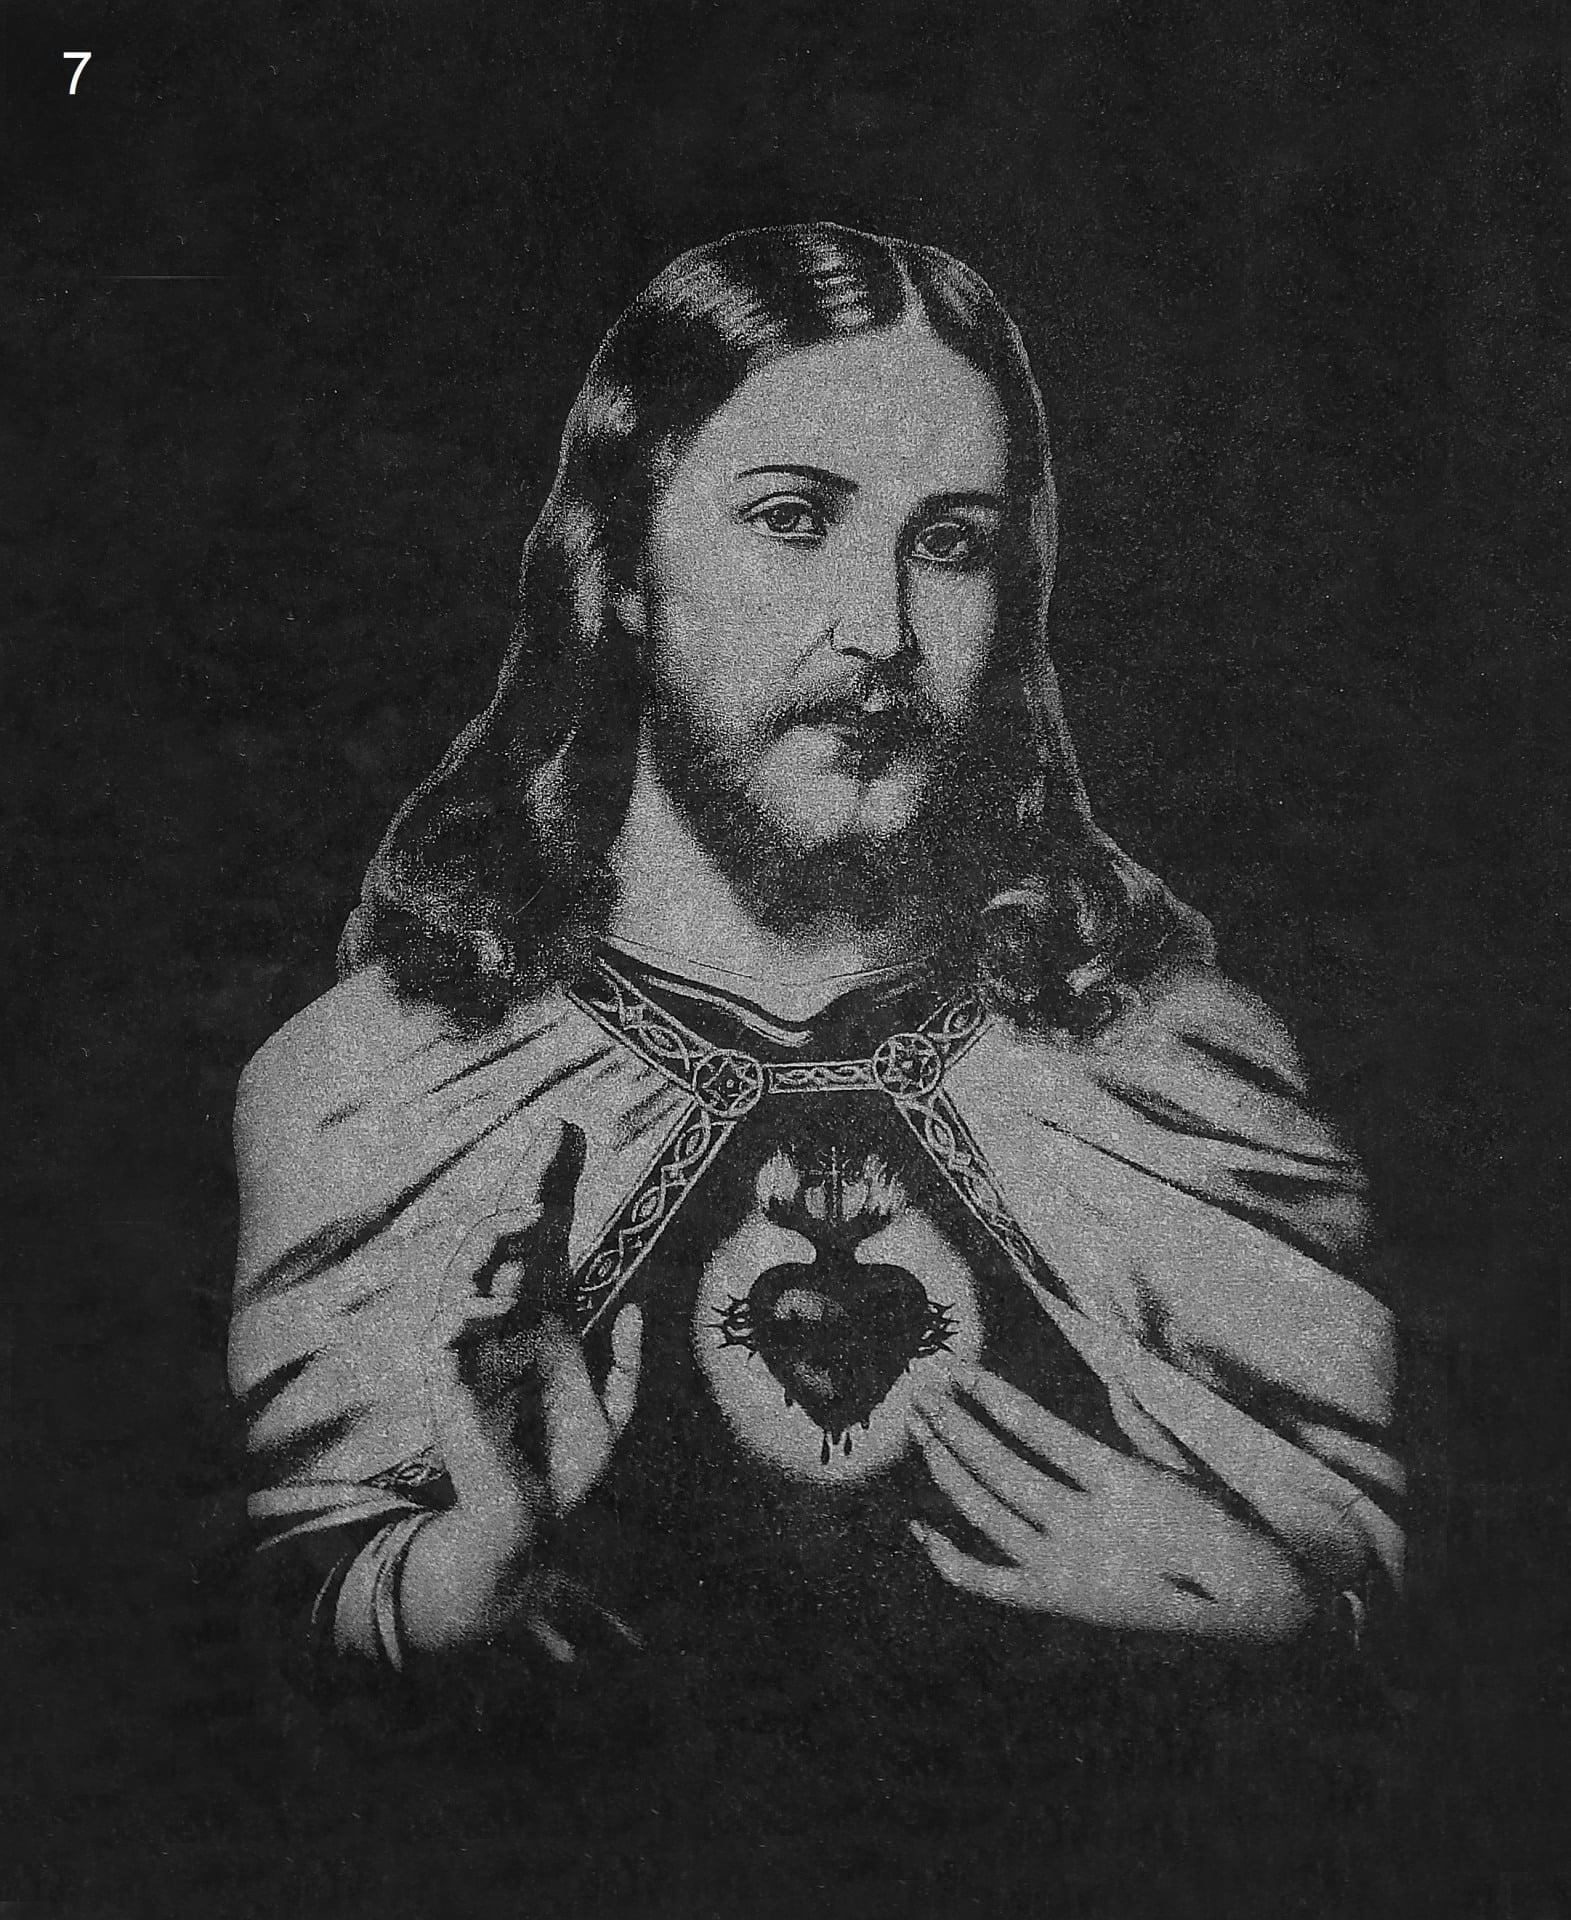 Jezus z sercem - Nagrobki Bielsko-Biała